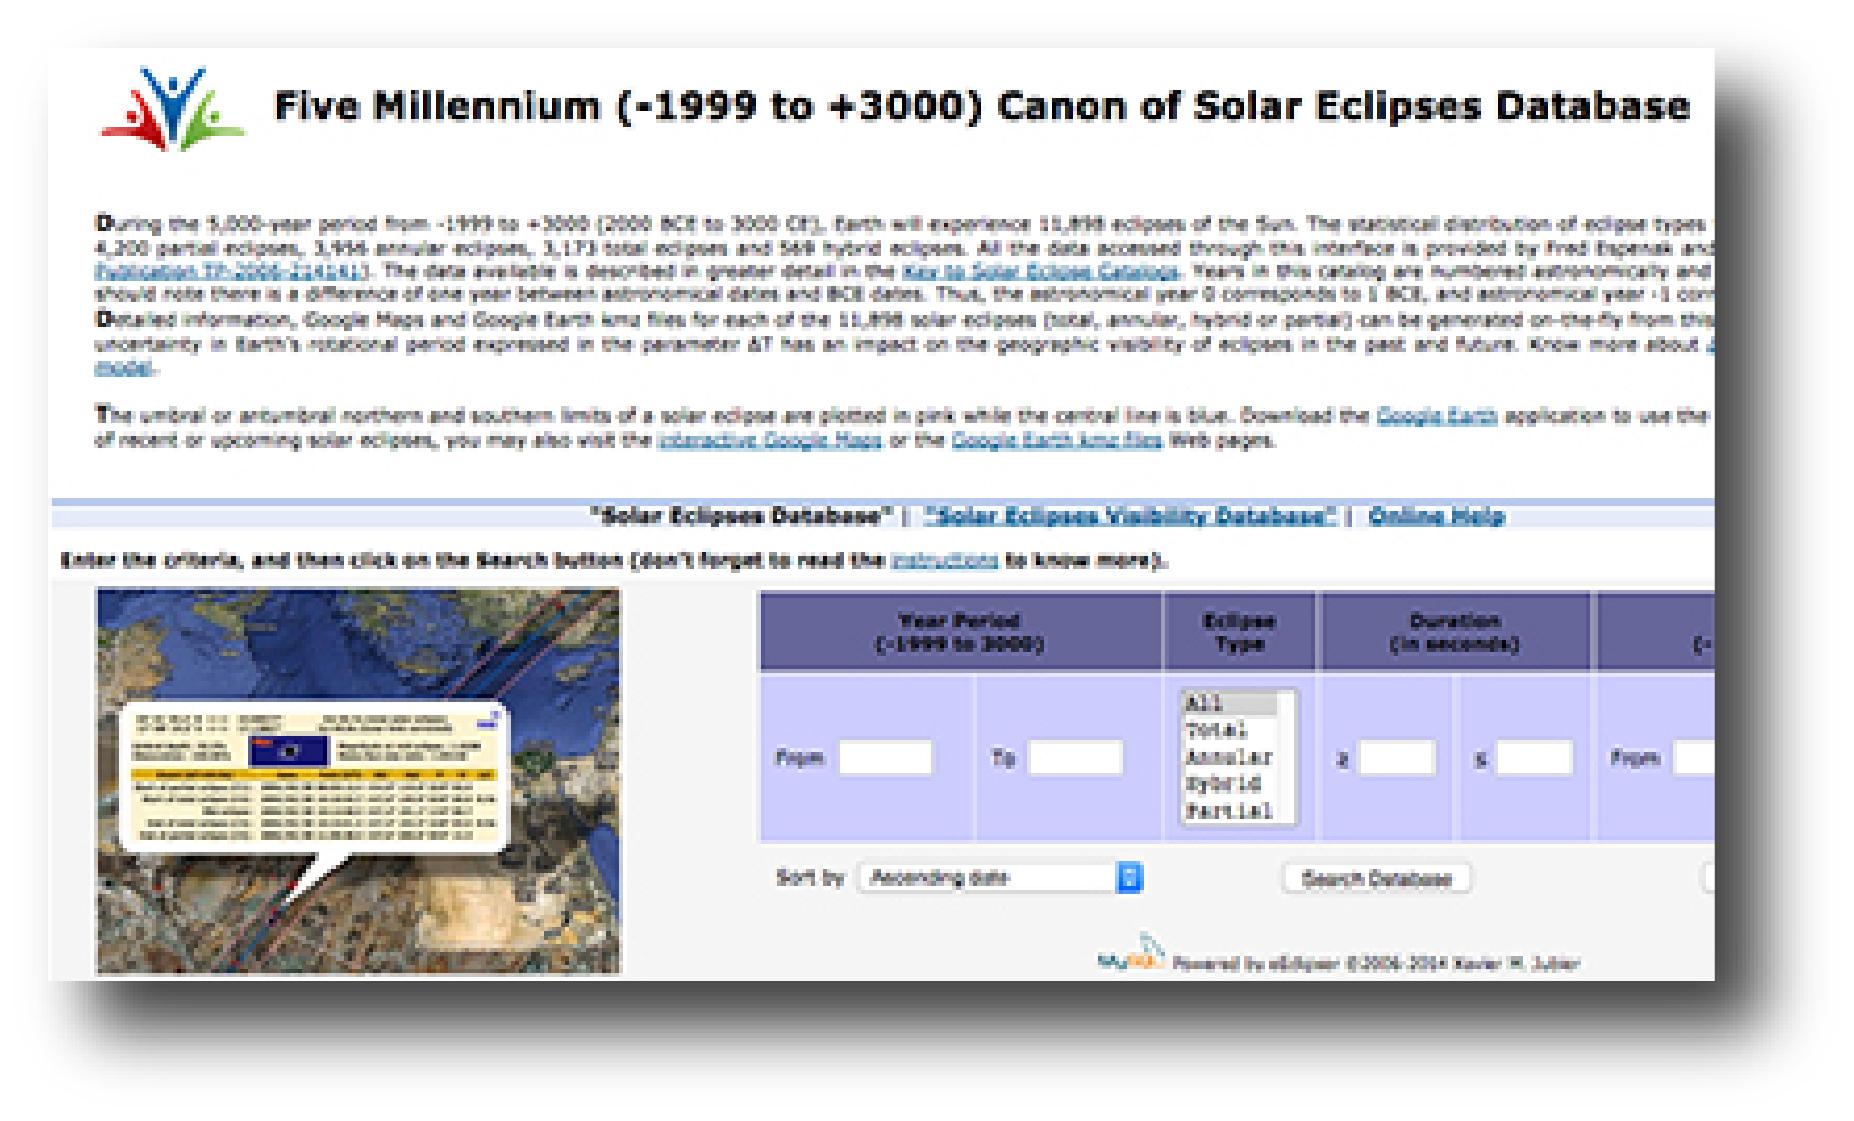 xjubier.free.fr/en/site_pages/solar_eclipses/ 5MCSE/xSE_Five_Millennium_Canon.html